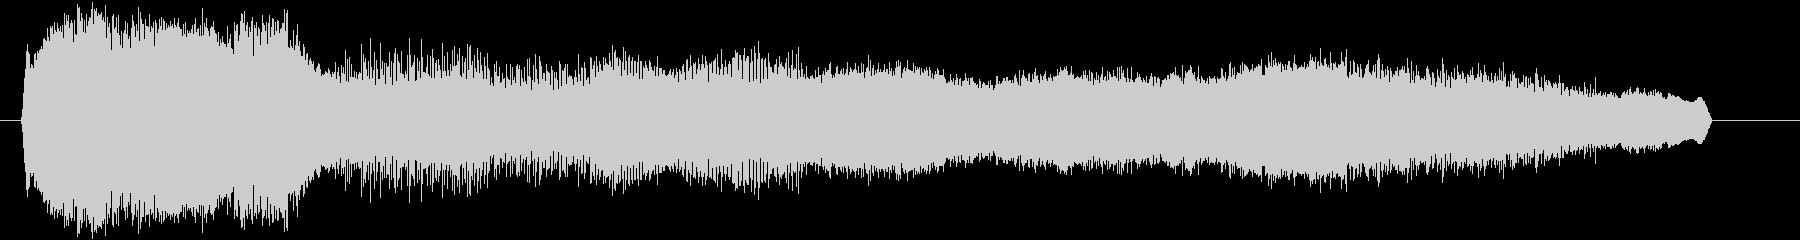 「ブーーーーーーゥ」(長いオナラ)の未再生の波形